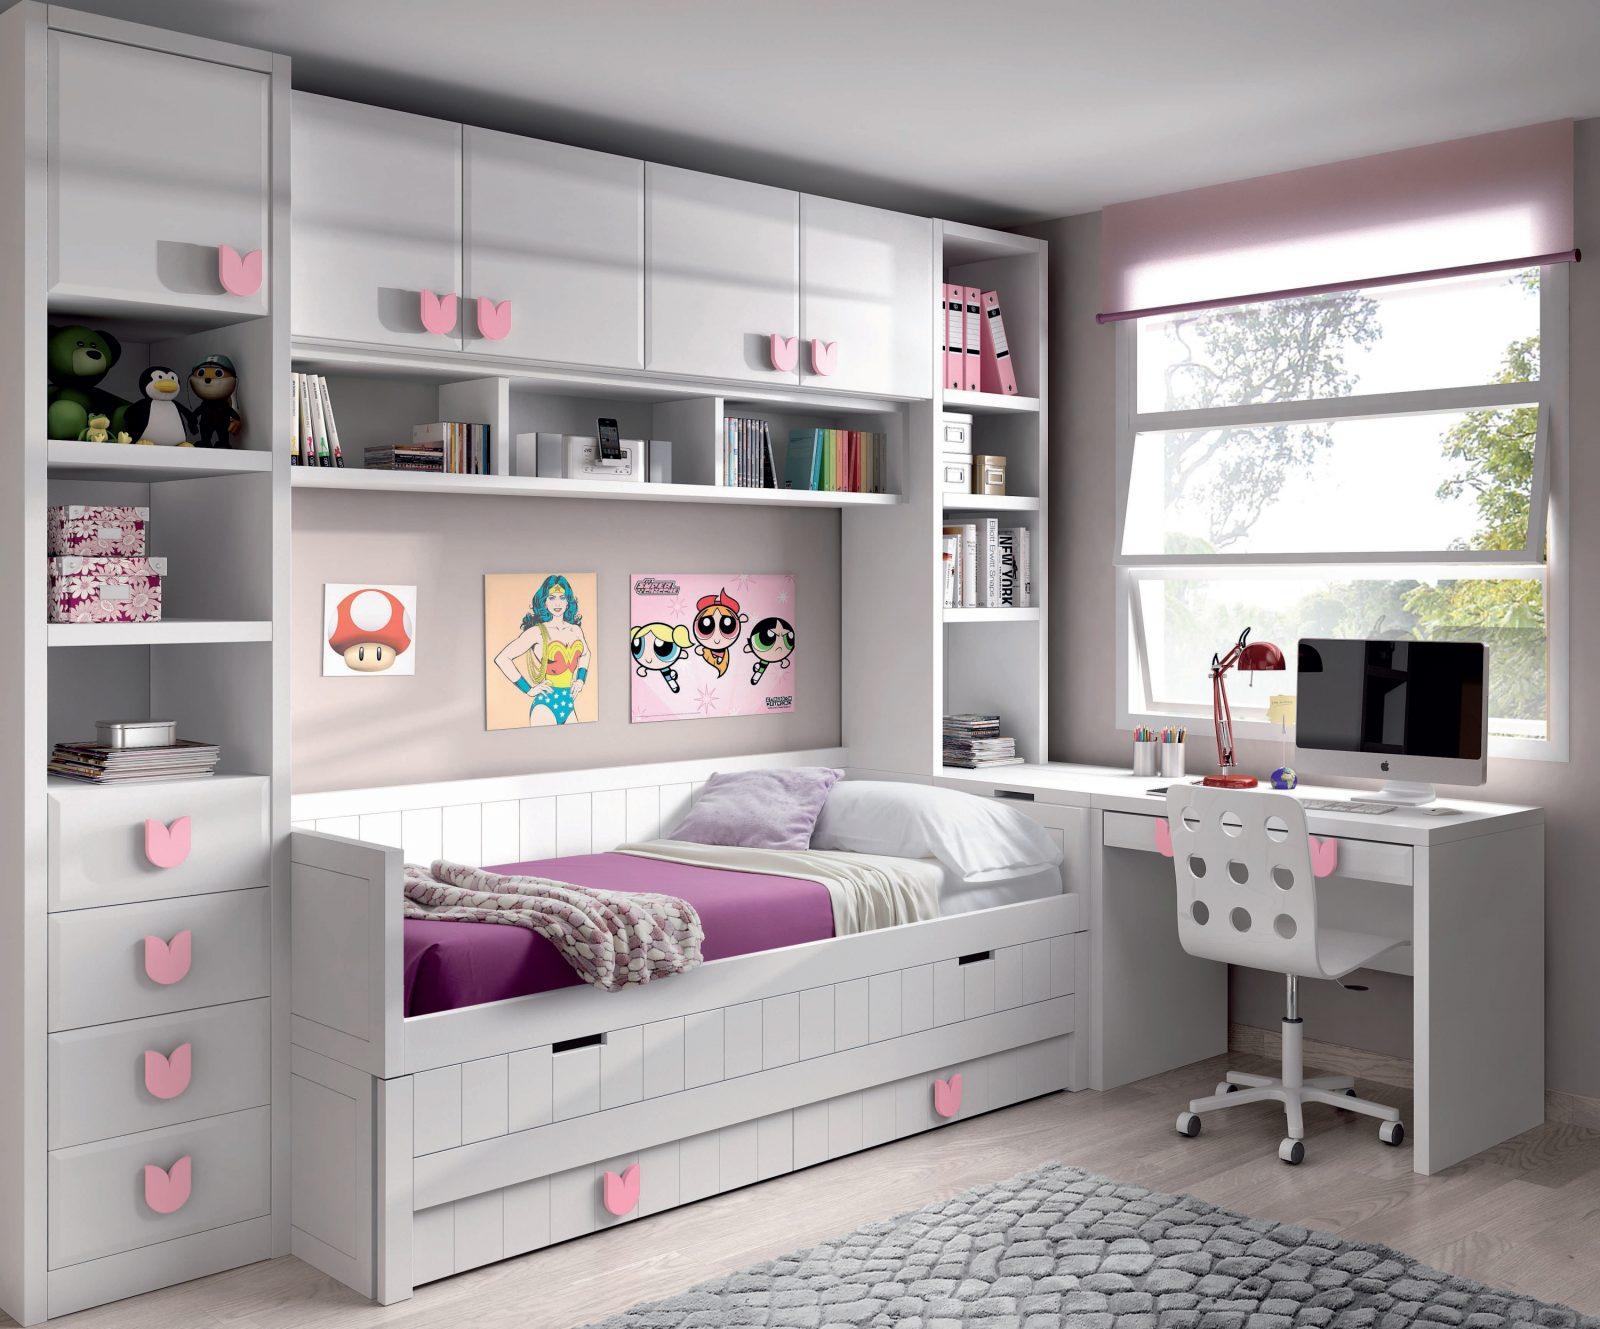 Mueble juvenil e infantil dados mobiliario hd mueble - Mueble juvenil diseno ...